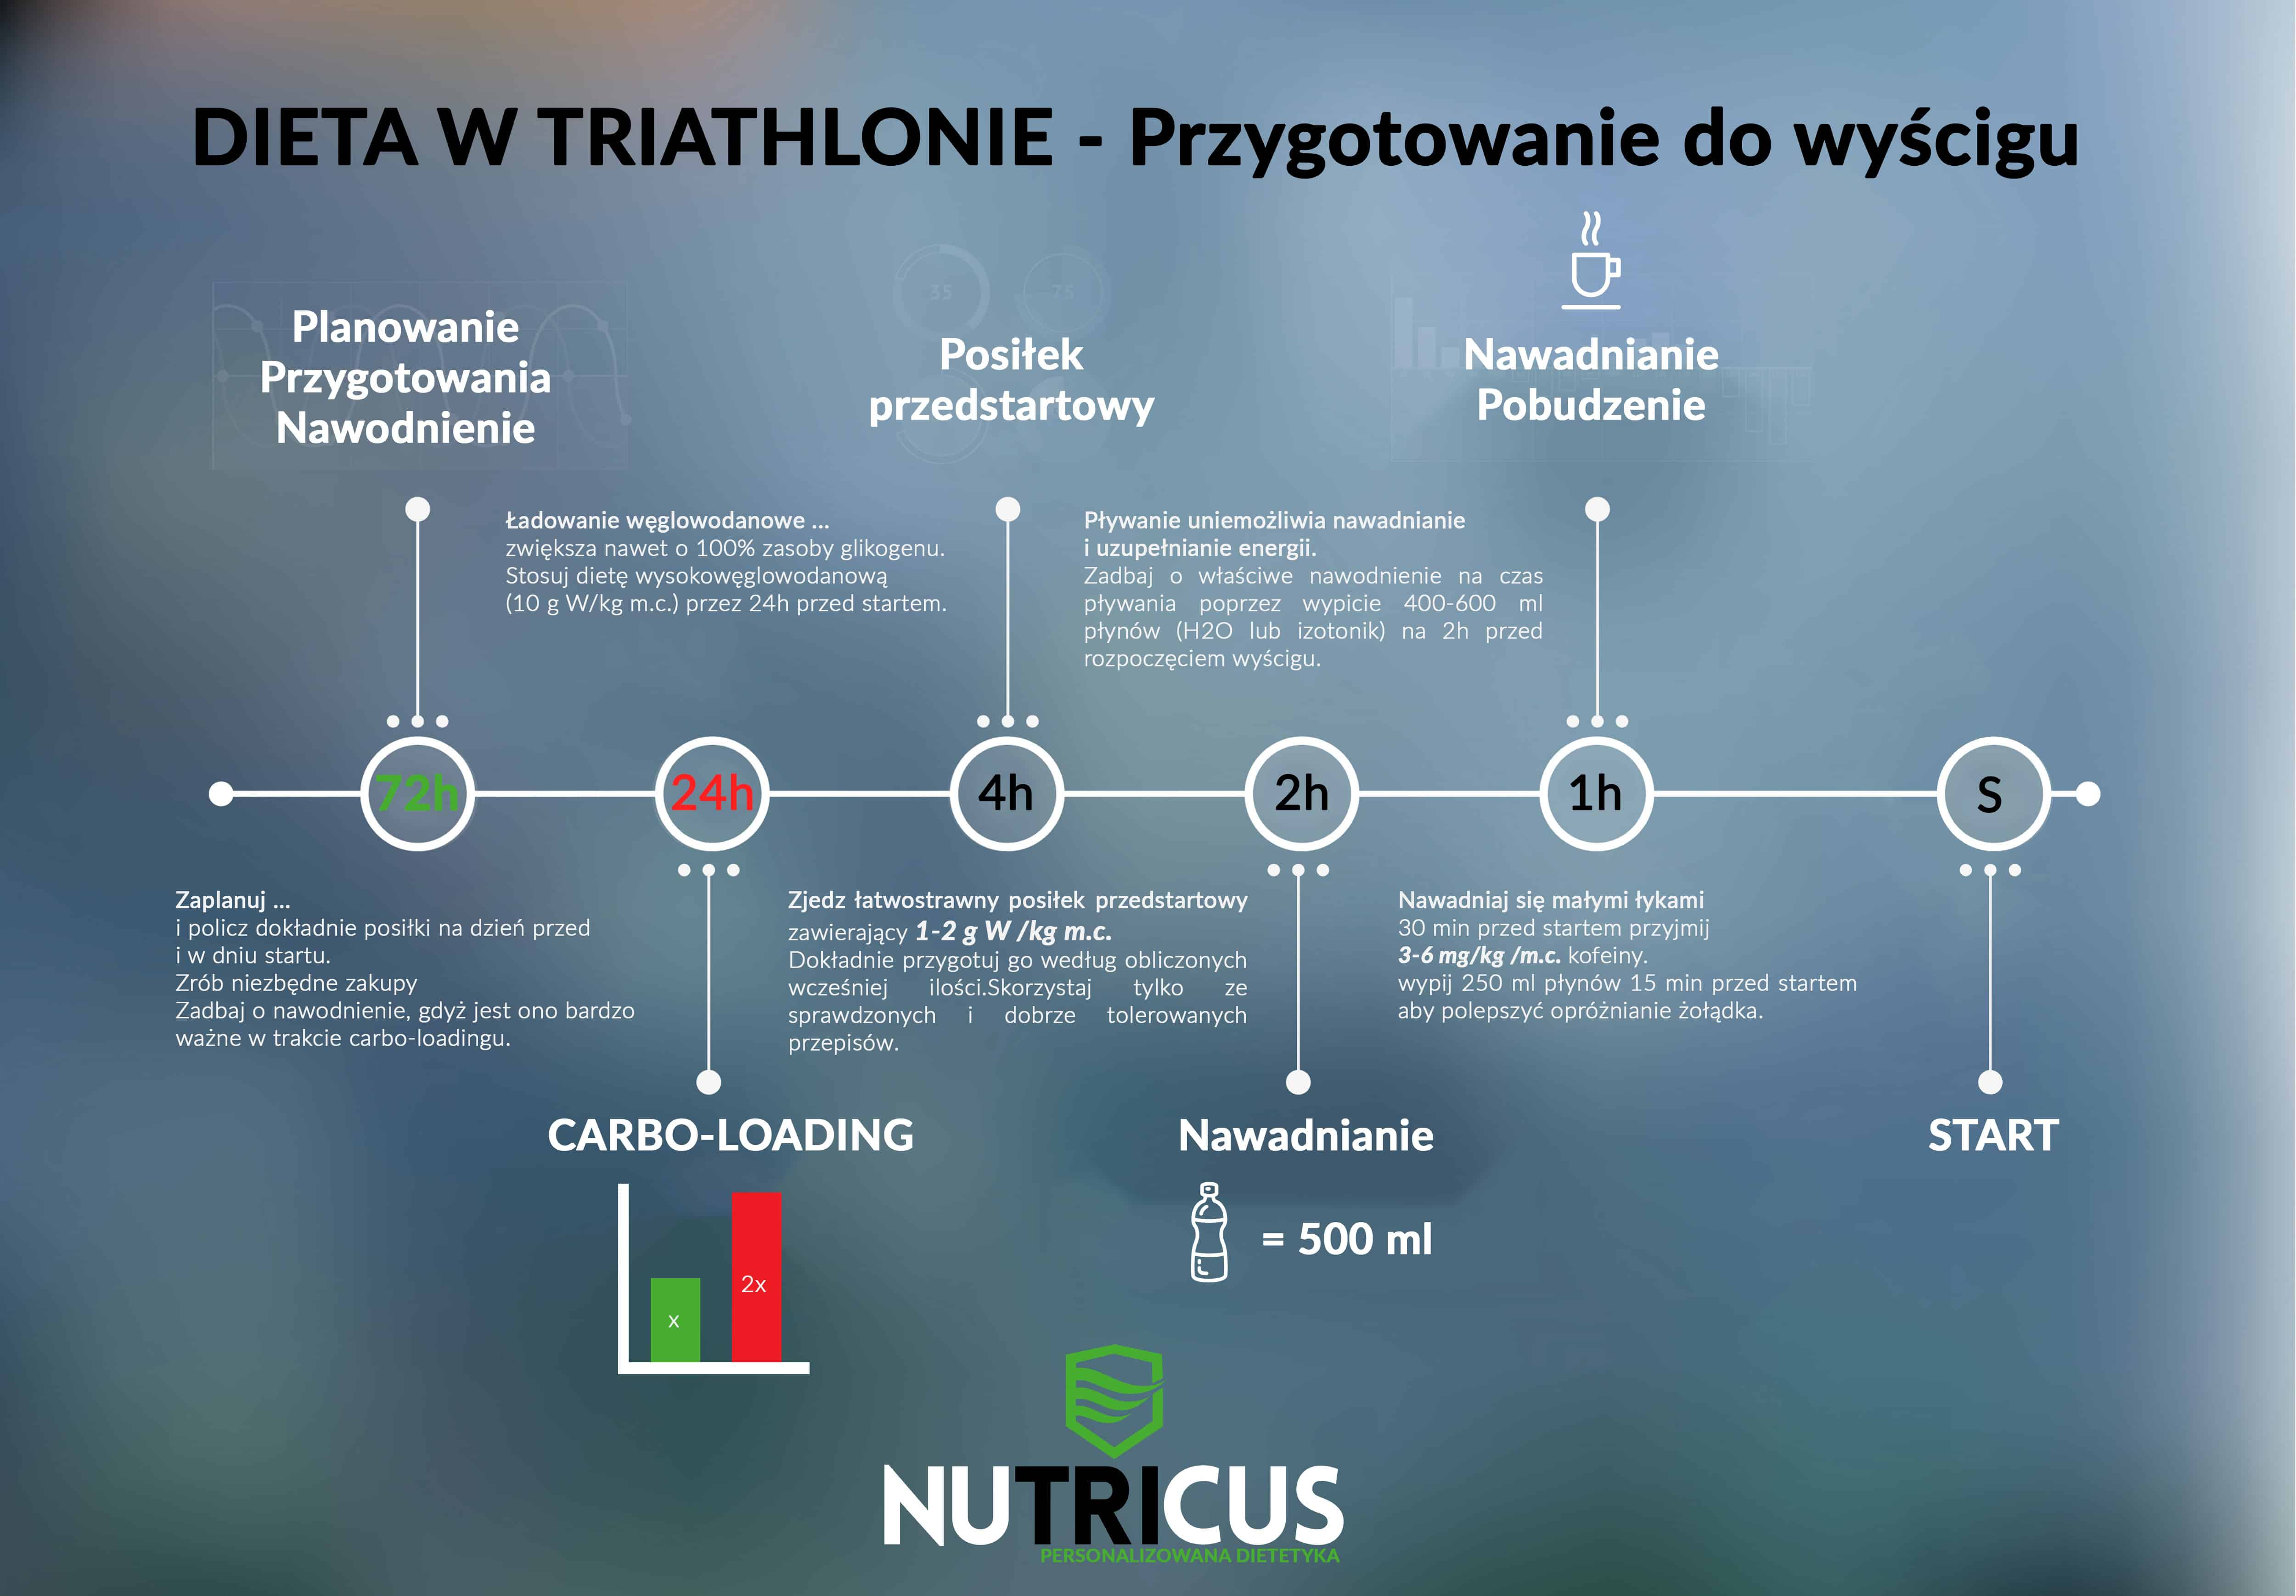 dietetyk triathlon | dieta triathlonisty